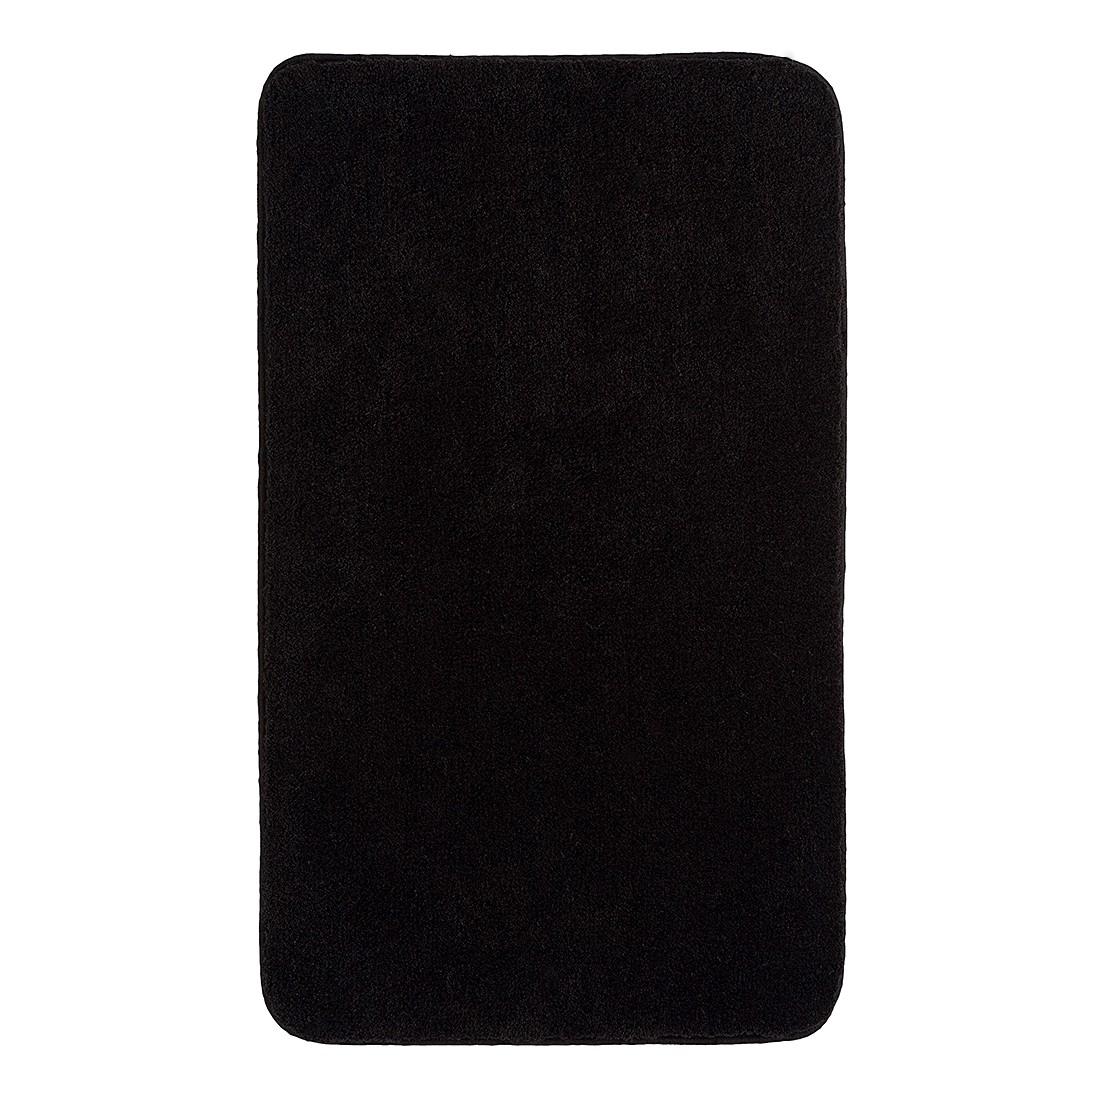 Badteppich Comfort – Schwarz – WC-Vorlage ohne Ausschnitt, Grund online bestellen